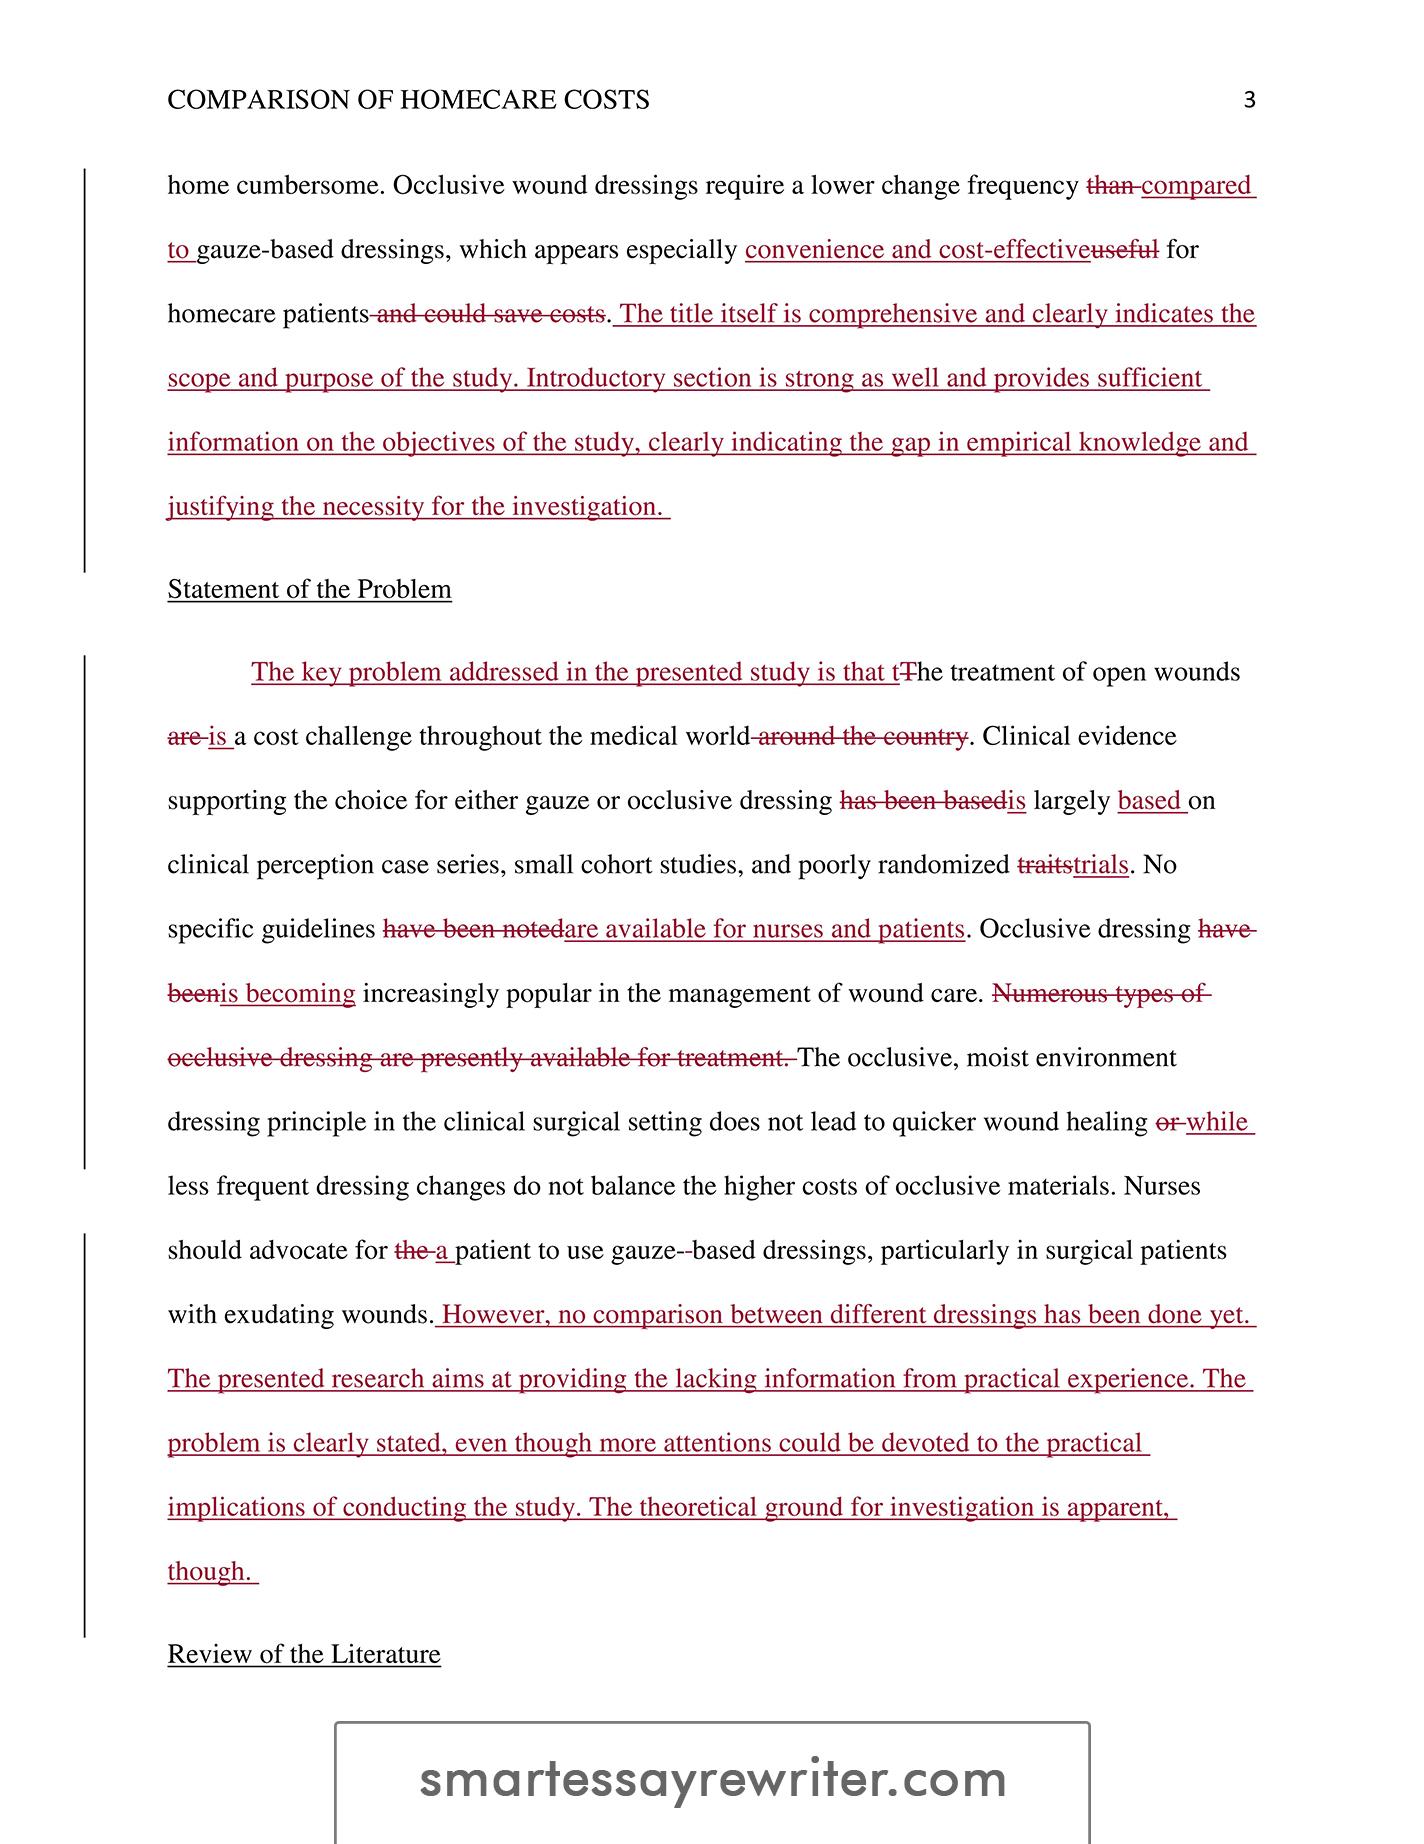 007 Essay Example Rewriter Smartessayrewriter Com Singular Free Software Crack Generator Full